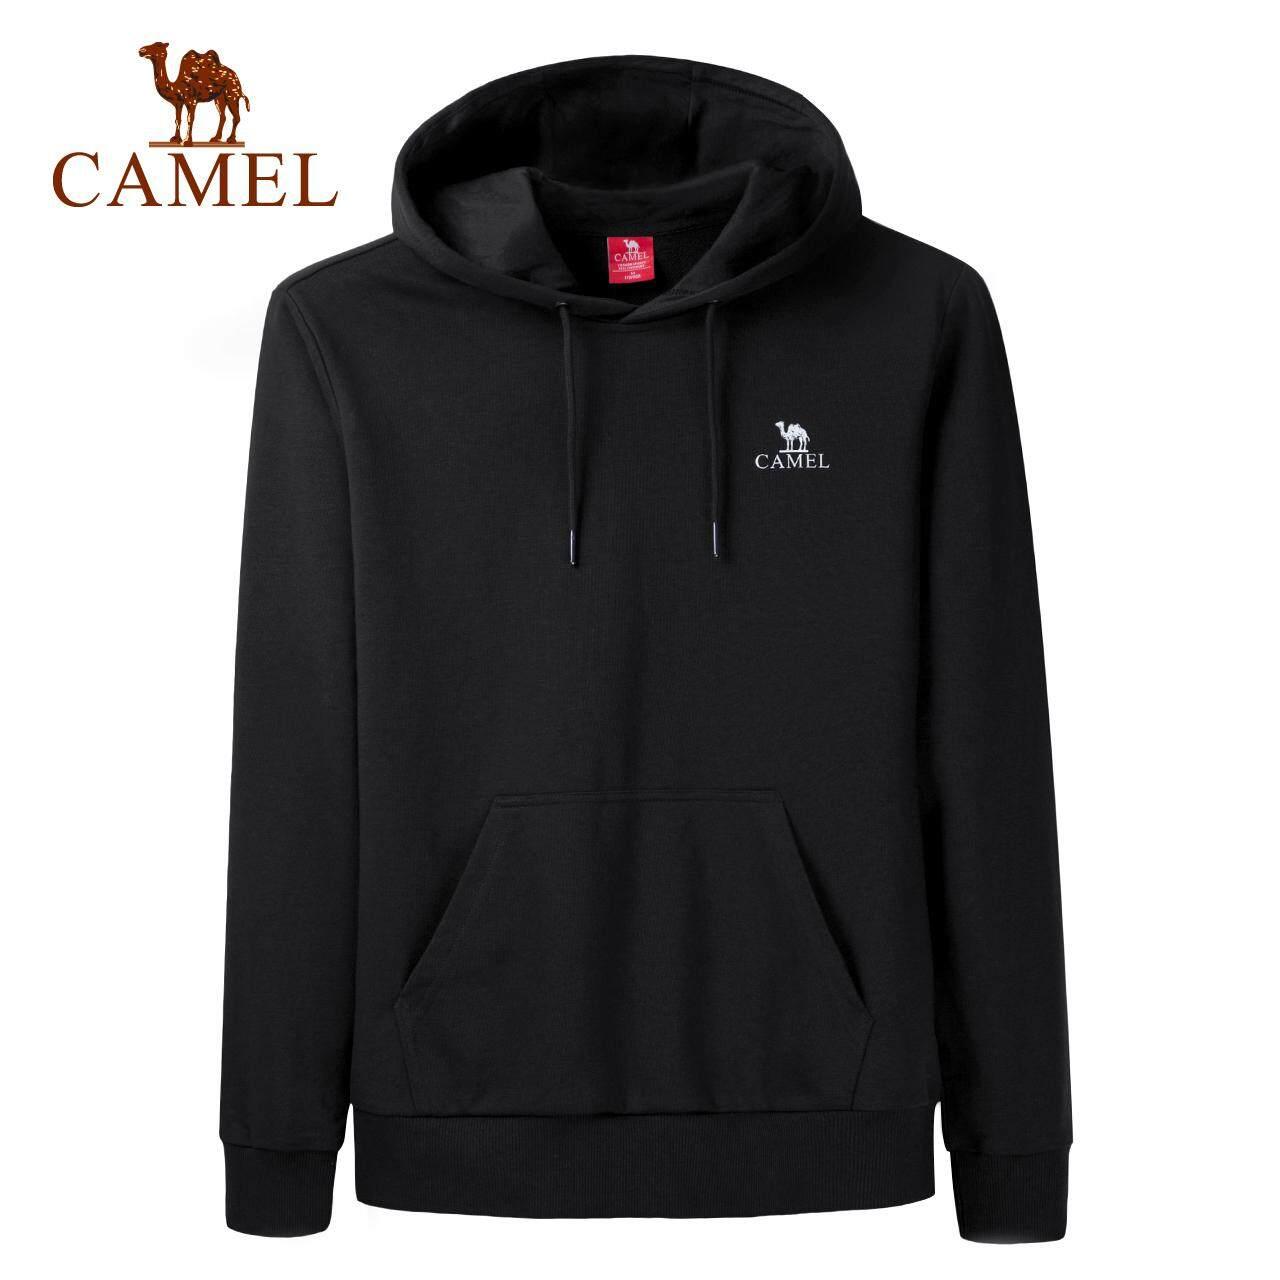 2018 Baru Sweter Camel Pria Dan Wanita Memakai Sederhana Modis Nyaman Kenyamanan By Camel International.